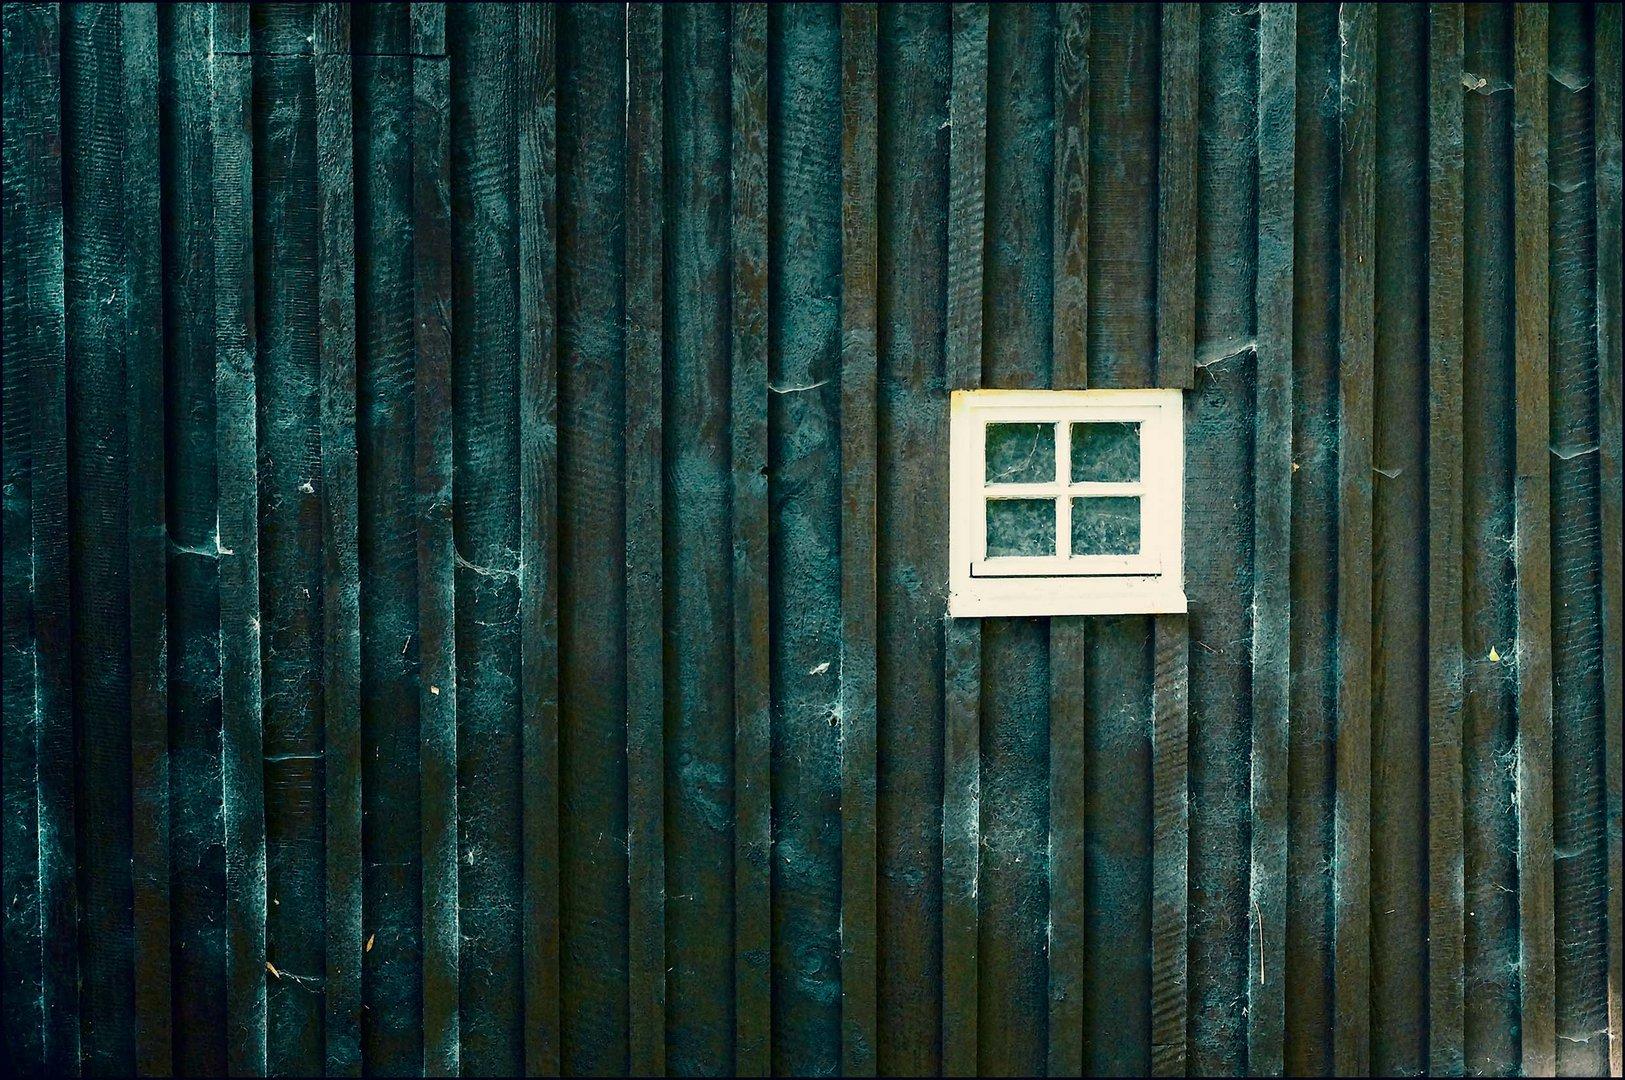 Wasser-Mühlen-Holz-Wand Foto & Bild | monatswettbewerb-spezial, 07 ...